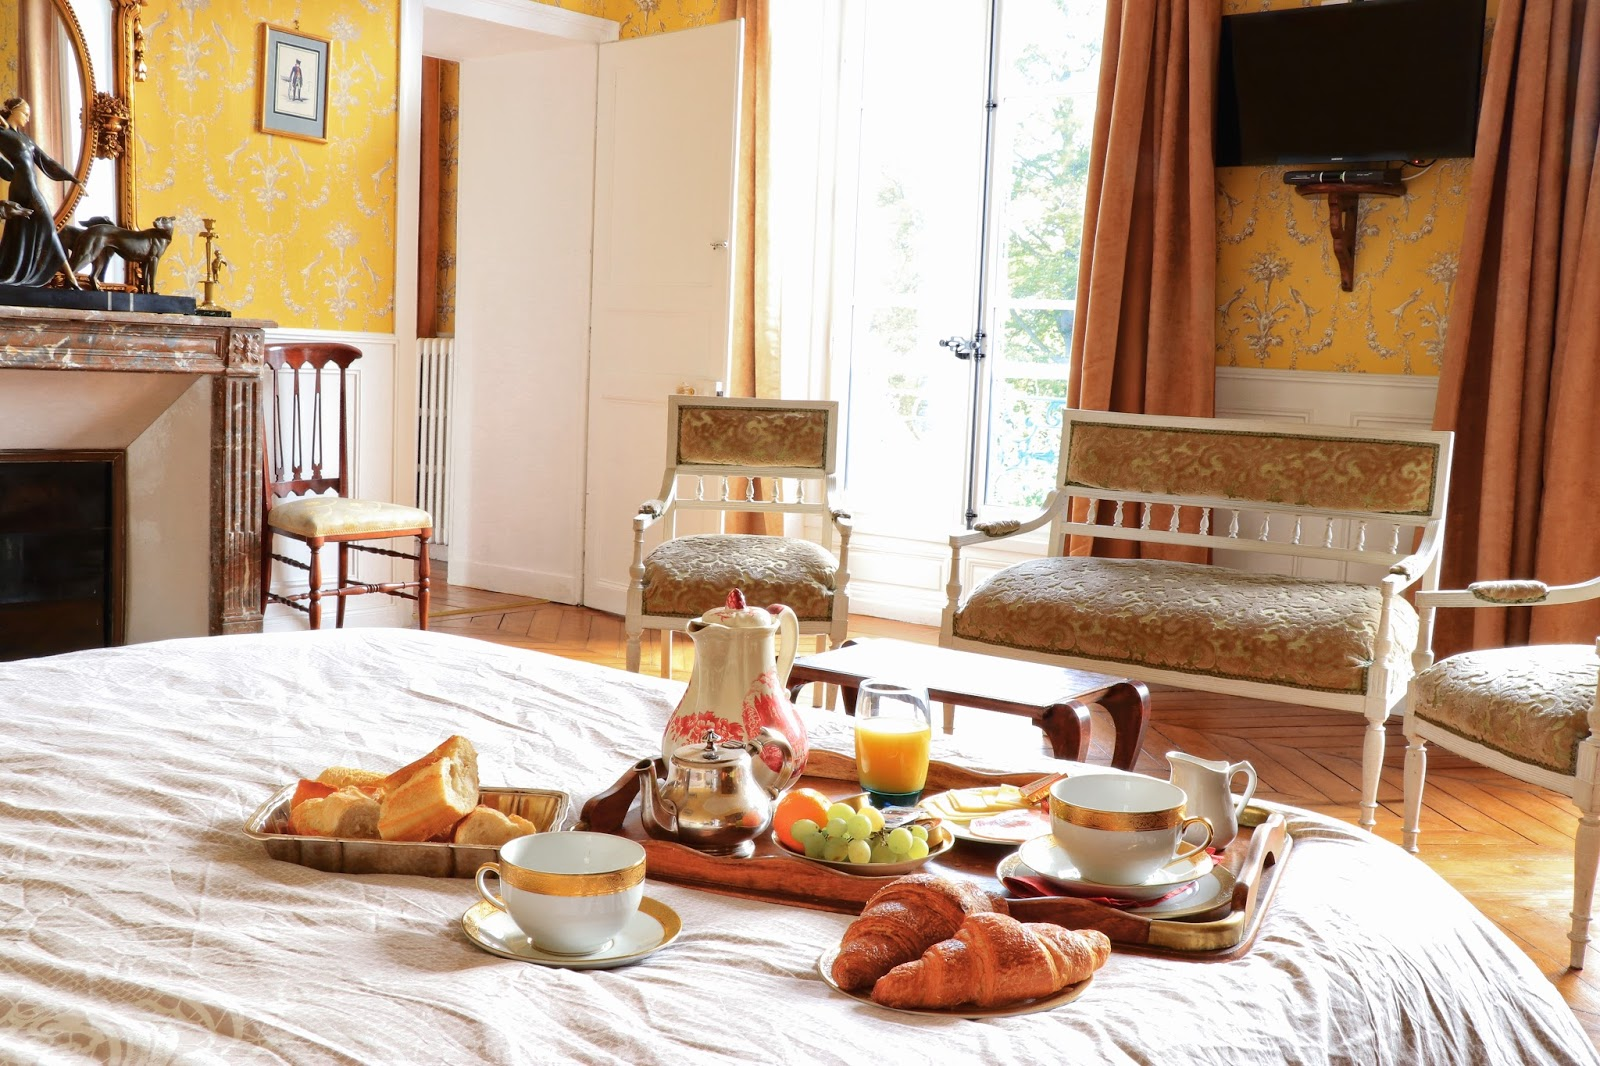 les gommettes de melo avis chateau de la marjolaine chateau thierry essomes hotel gite nuit séjour vacances week end chambre piscine aisne picardie marne restaurant